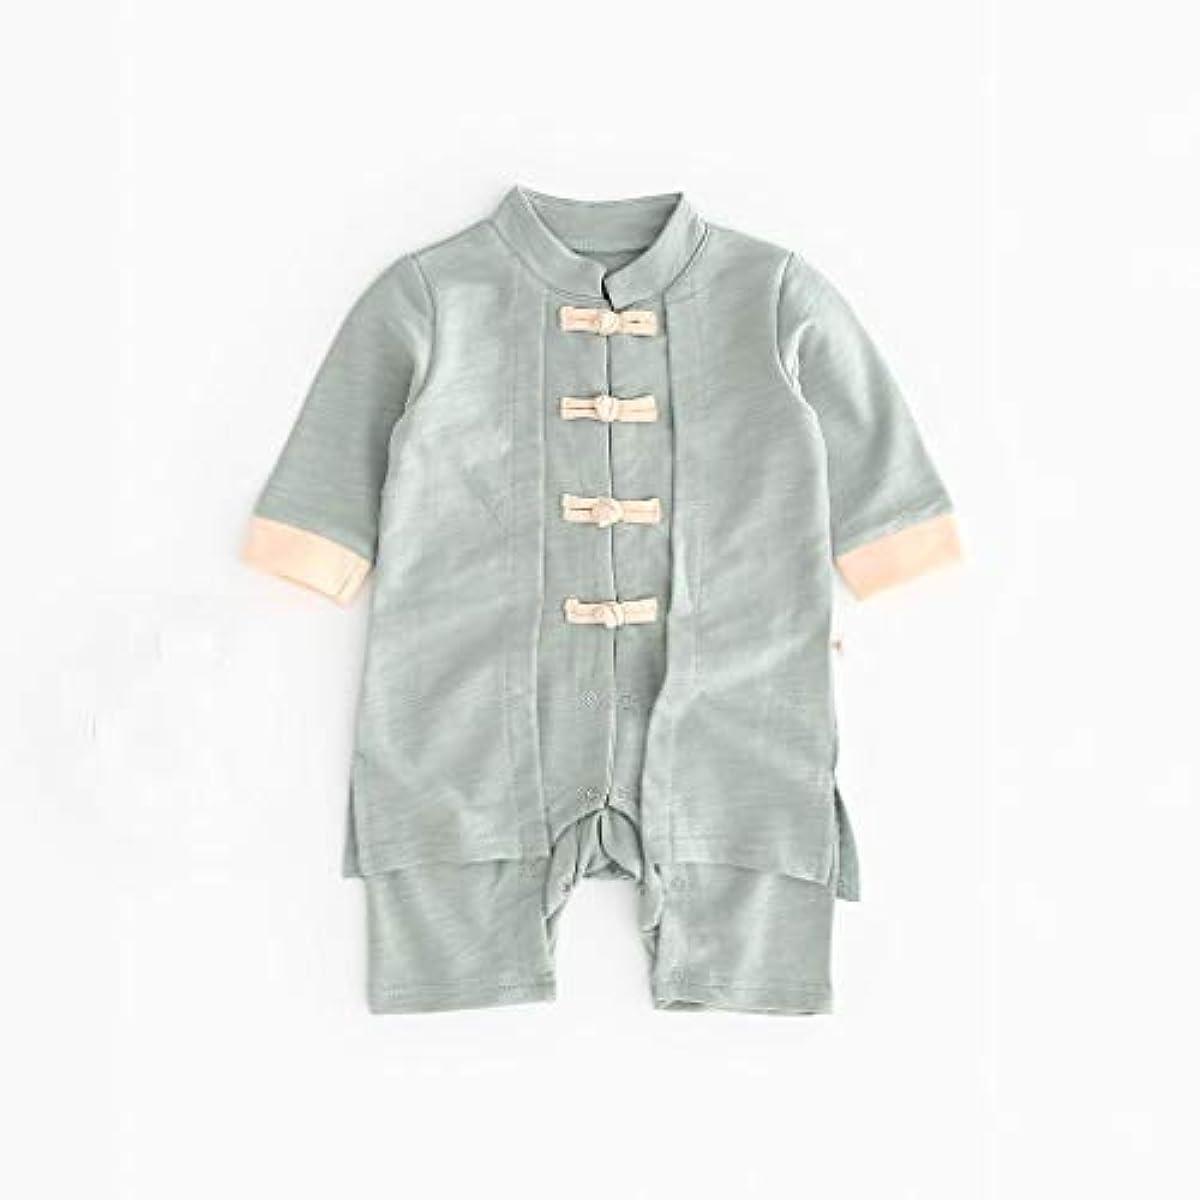 湖予言する独特のかわいいボタン漢風生まれたばかりの赤ちゃん男の子女の子ボタン固体ロンパースジャンプスーツ着物服パジャマ女の子男の子レターストライプ長袖コットンロンパースジャンプスーツ